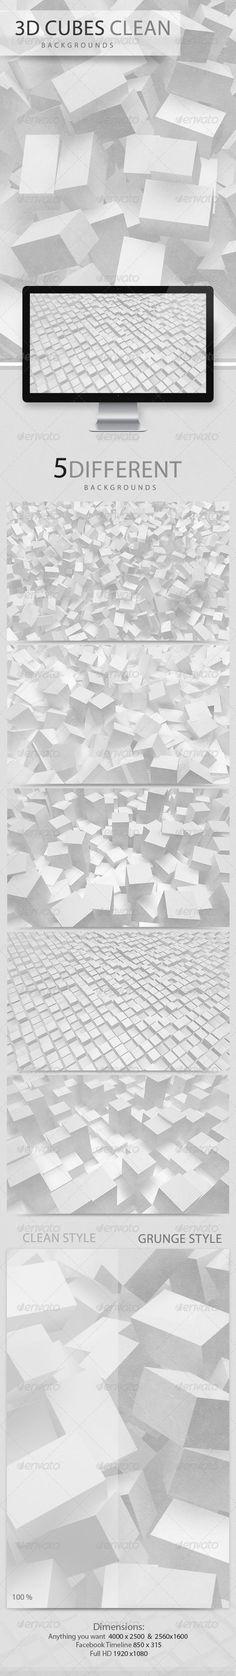 3D Cubes Clean Backgrounds - Envato #BestDesignResources